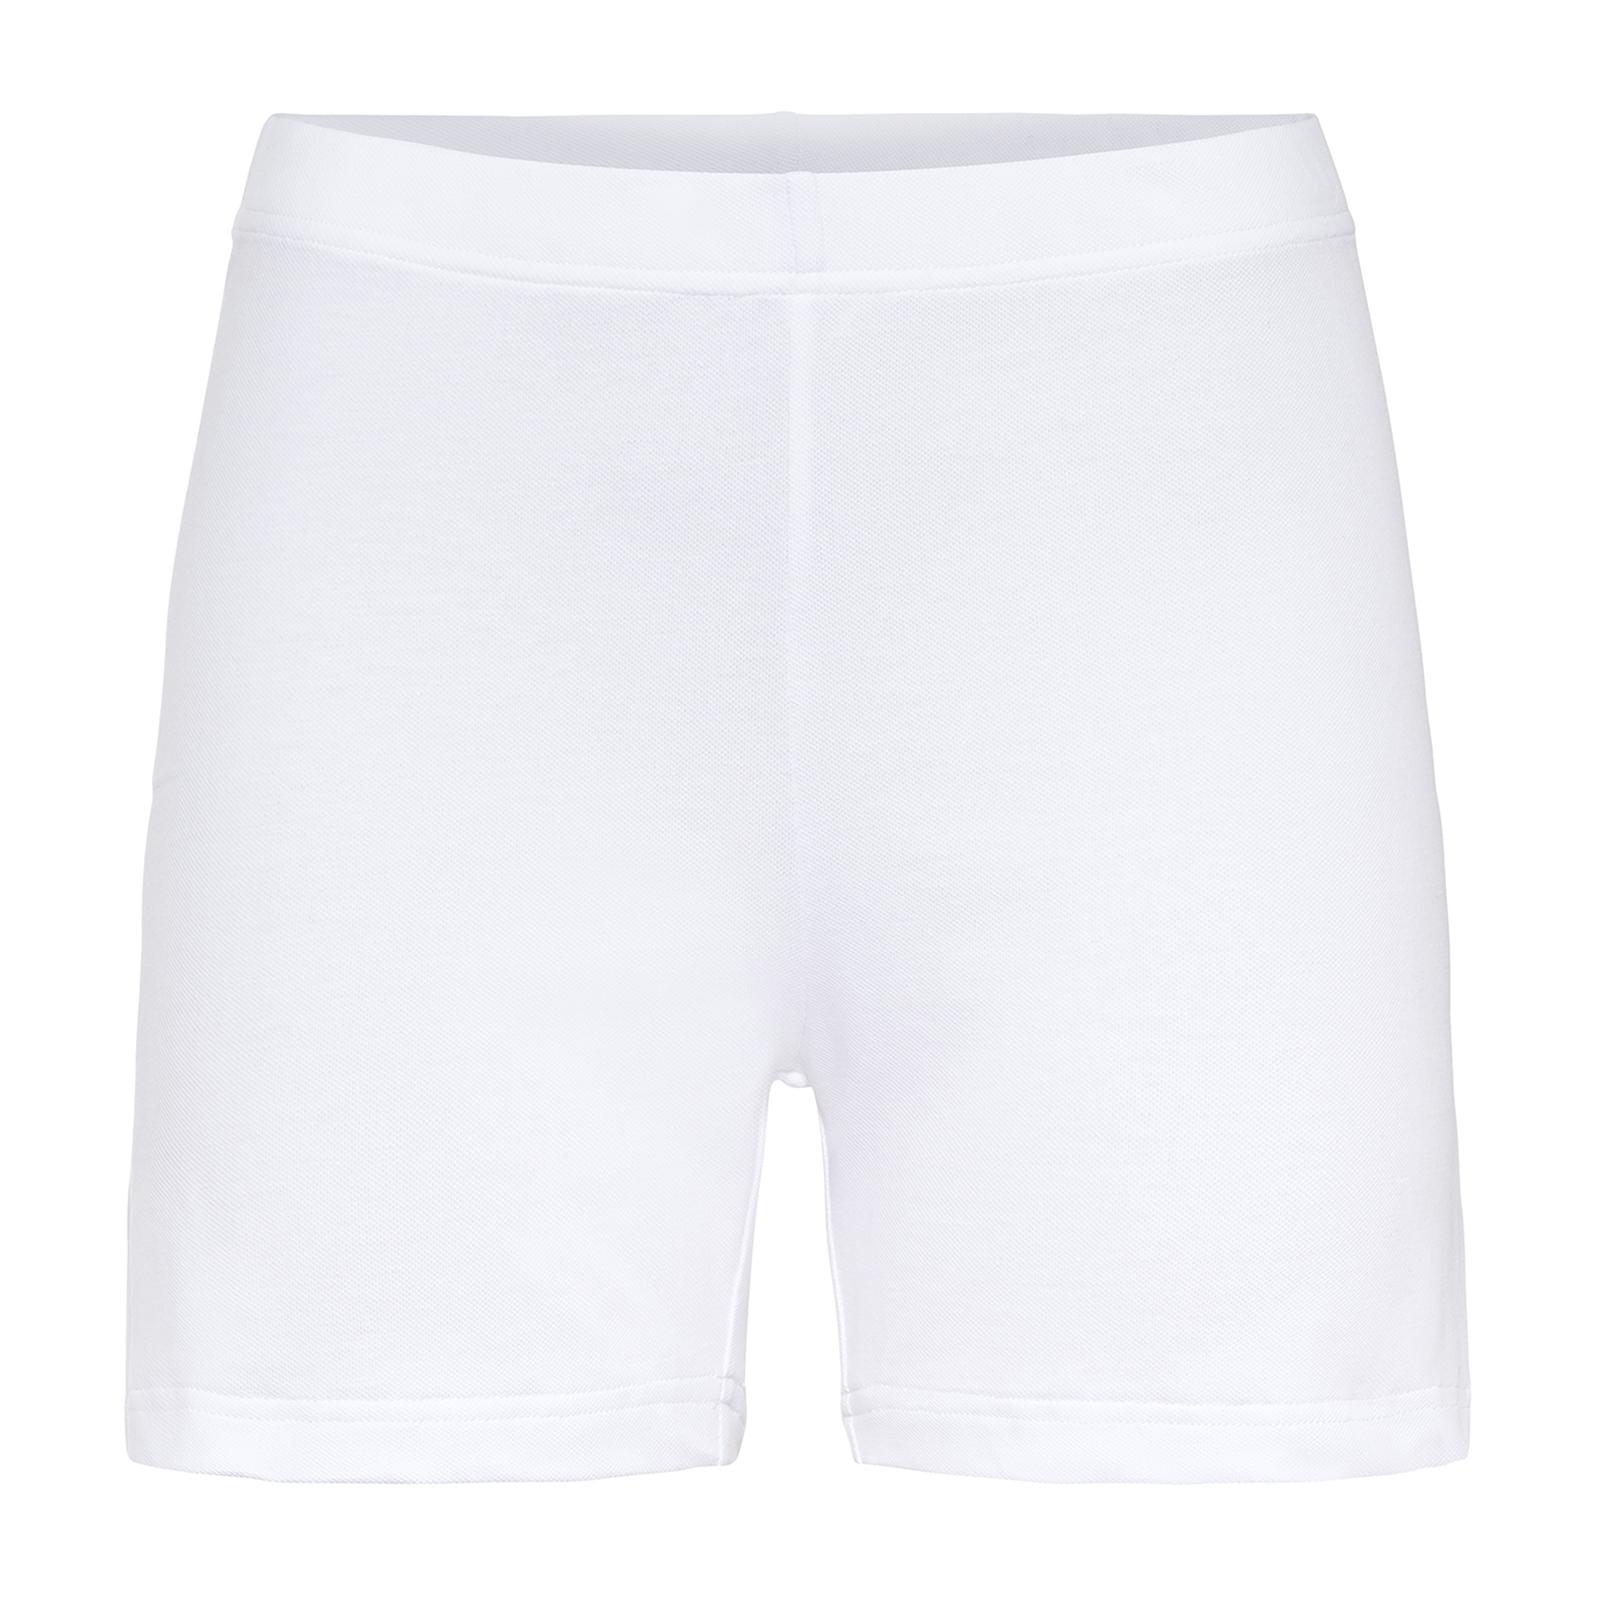 Ärmelloses Damen Golfkleid Extra Stretch Komfort in Slim Fit aus Baumwoll-Mix